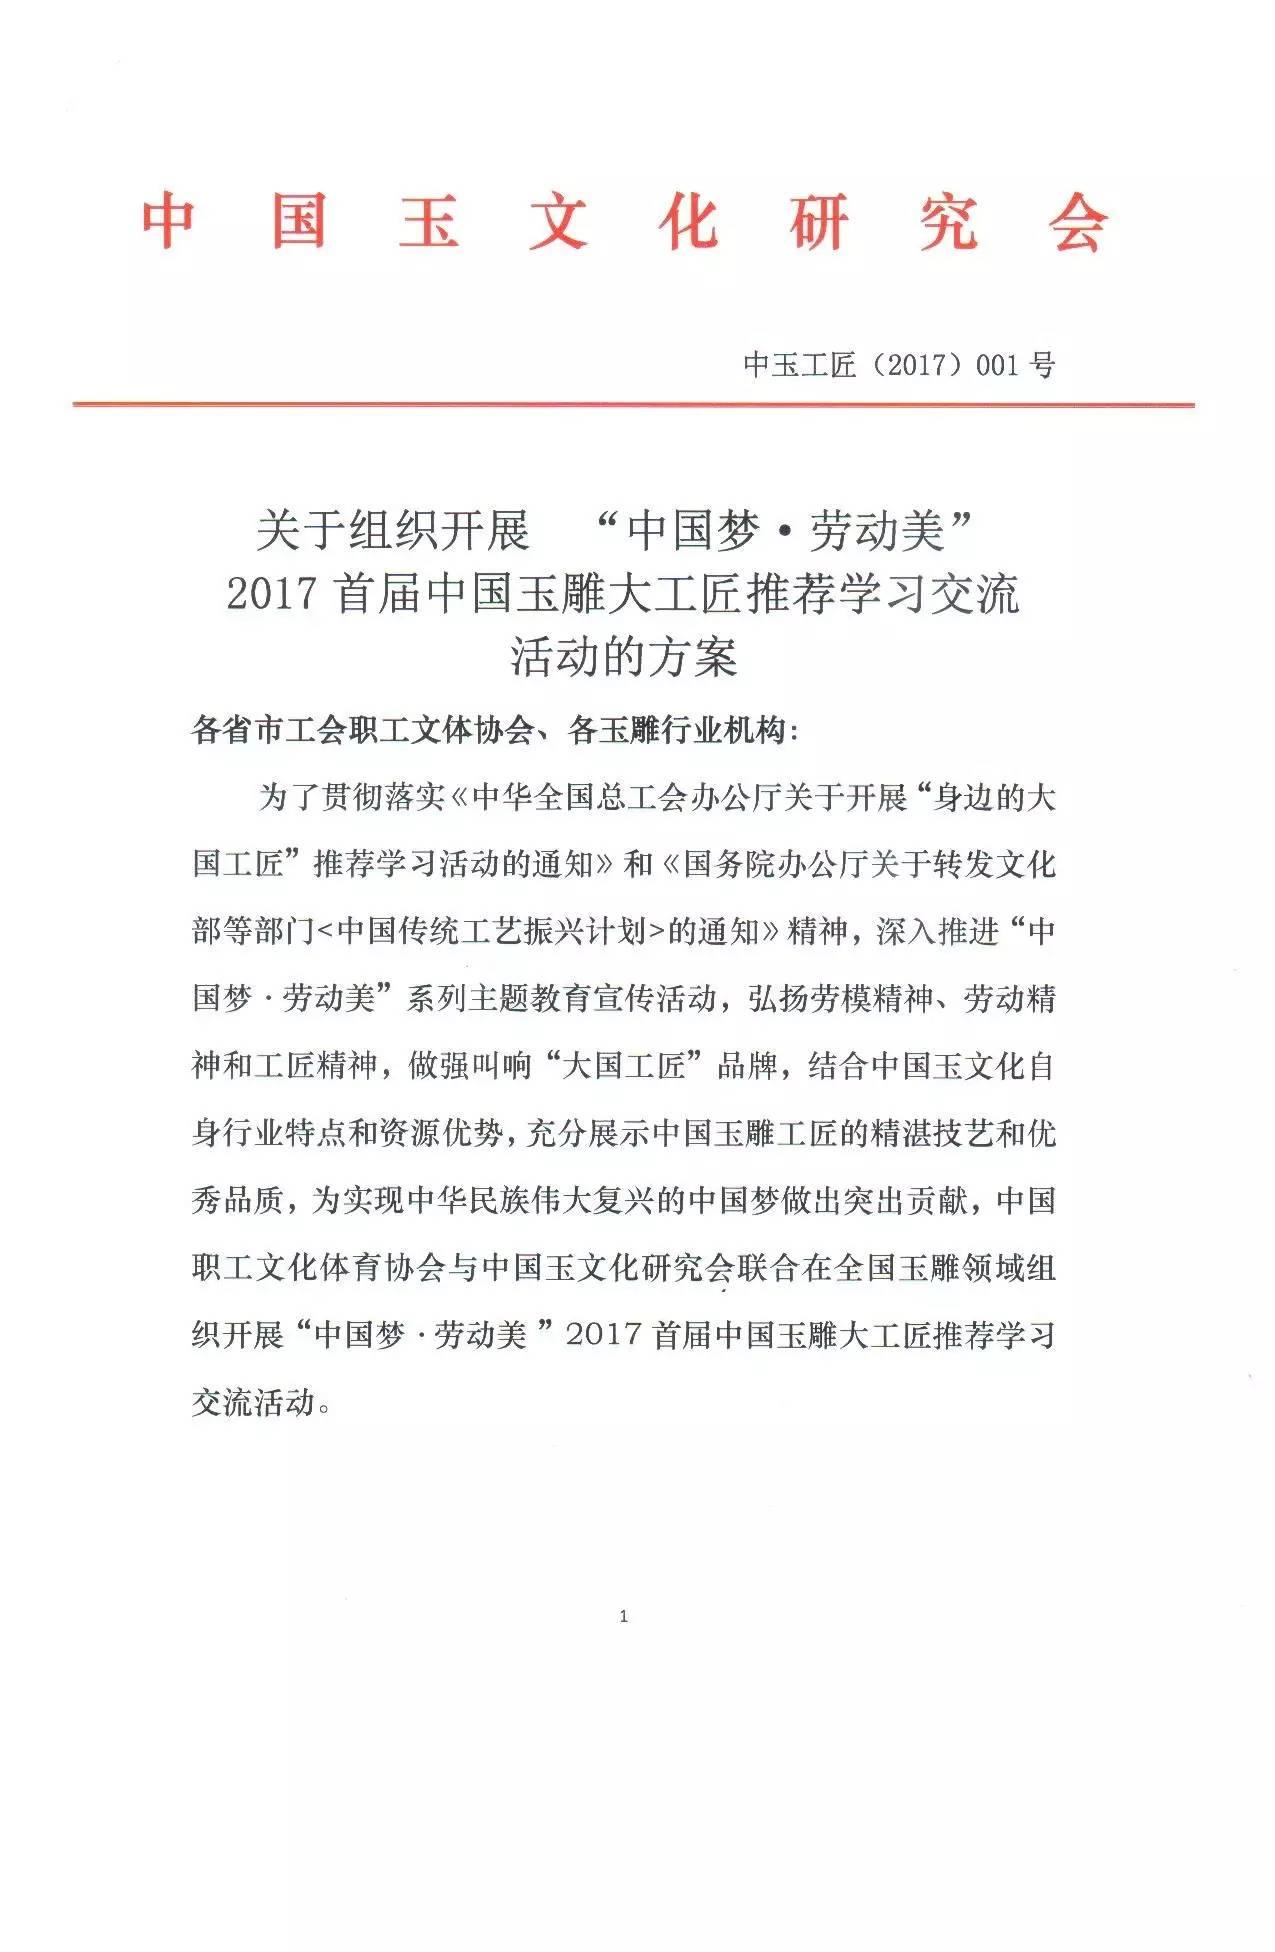 """""""中国梦·劳动美"""" 2017首届中国玉雕大工匠推荐学习交流活动通知"""